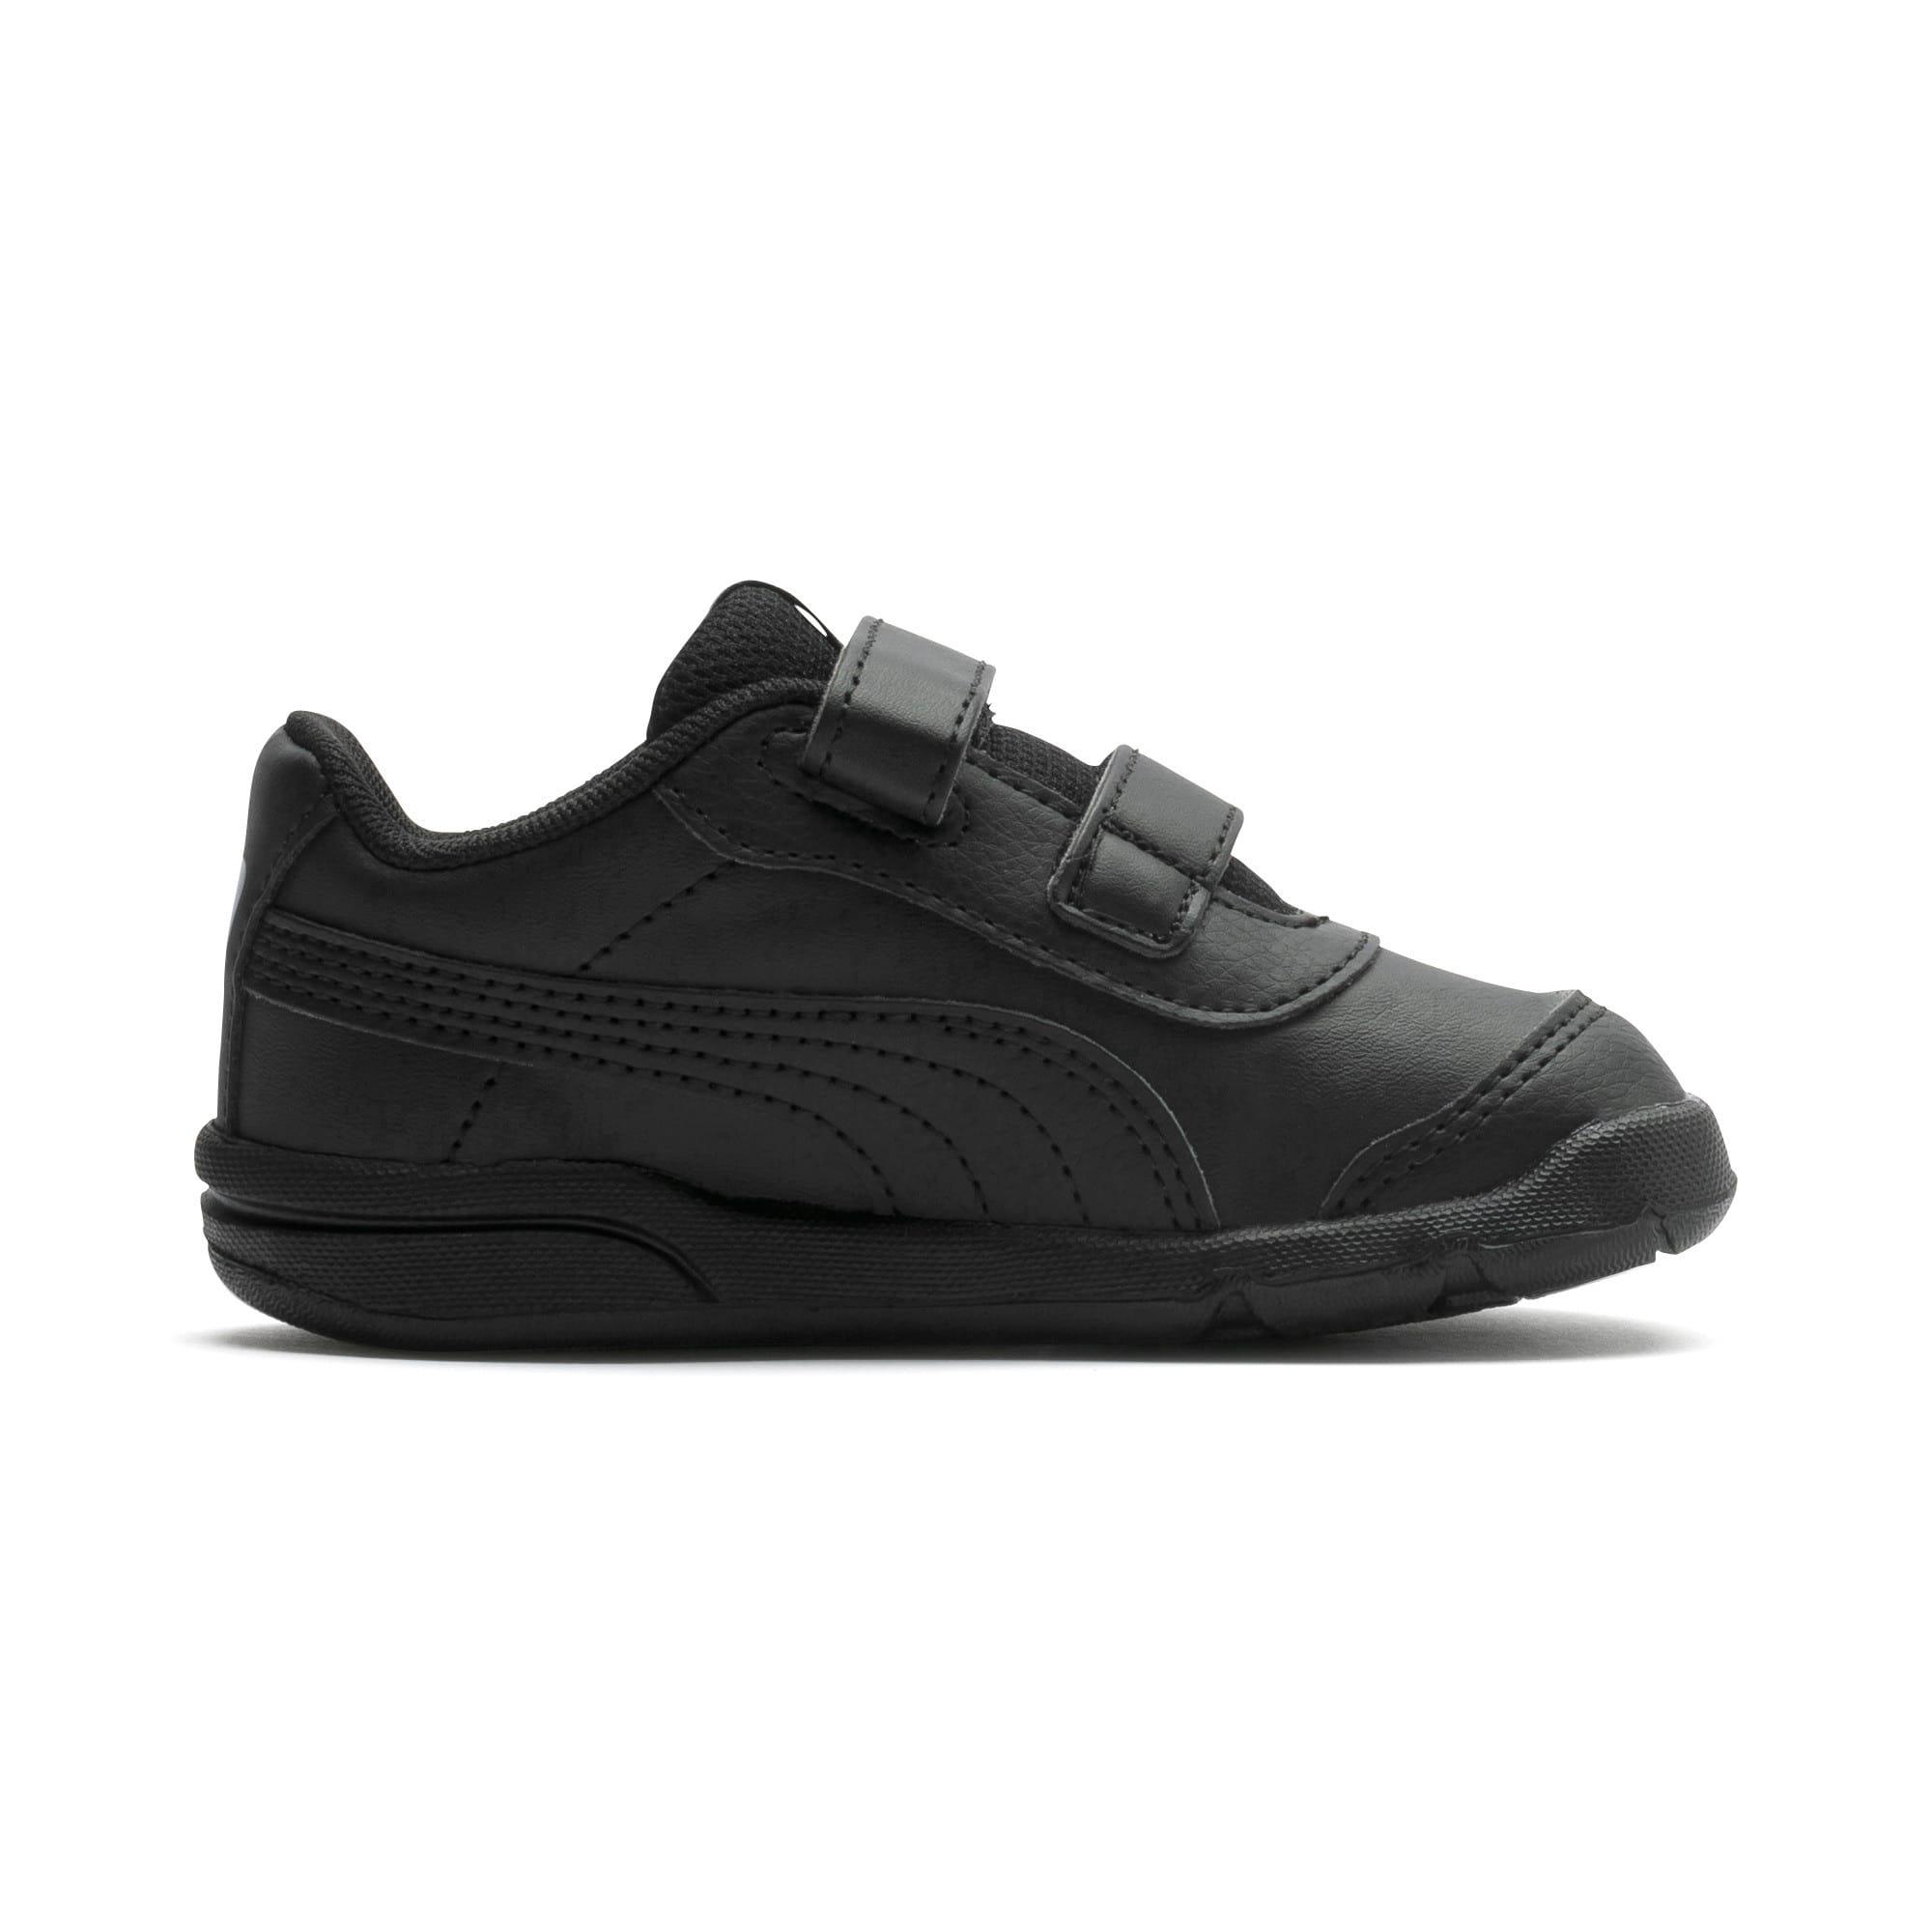 Thumbnail 5 of Stepfleex 2 SL VE V Babies' Trainers, Puma Black-Puma Black, medium